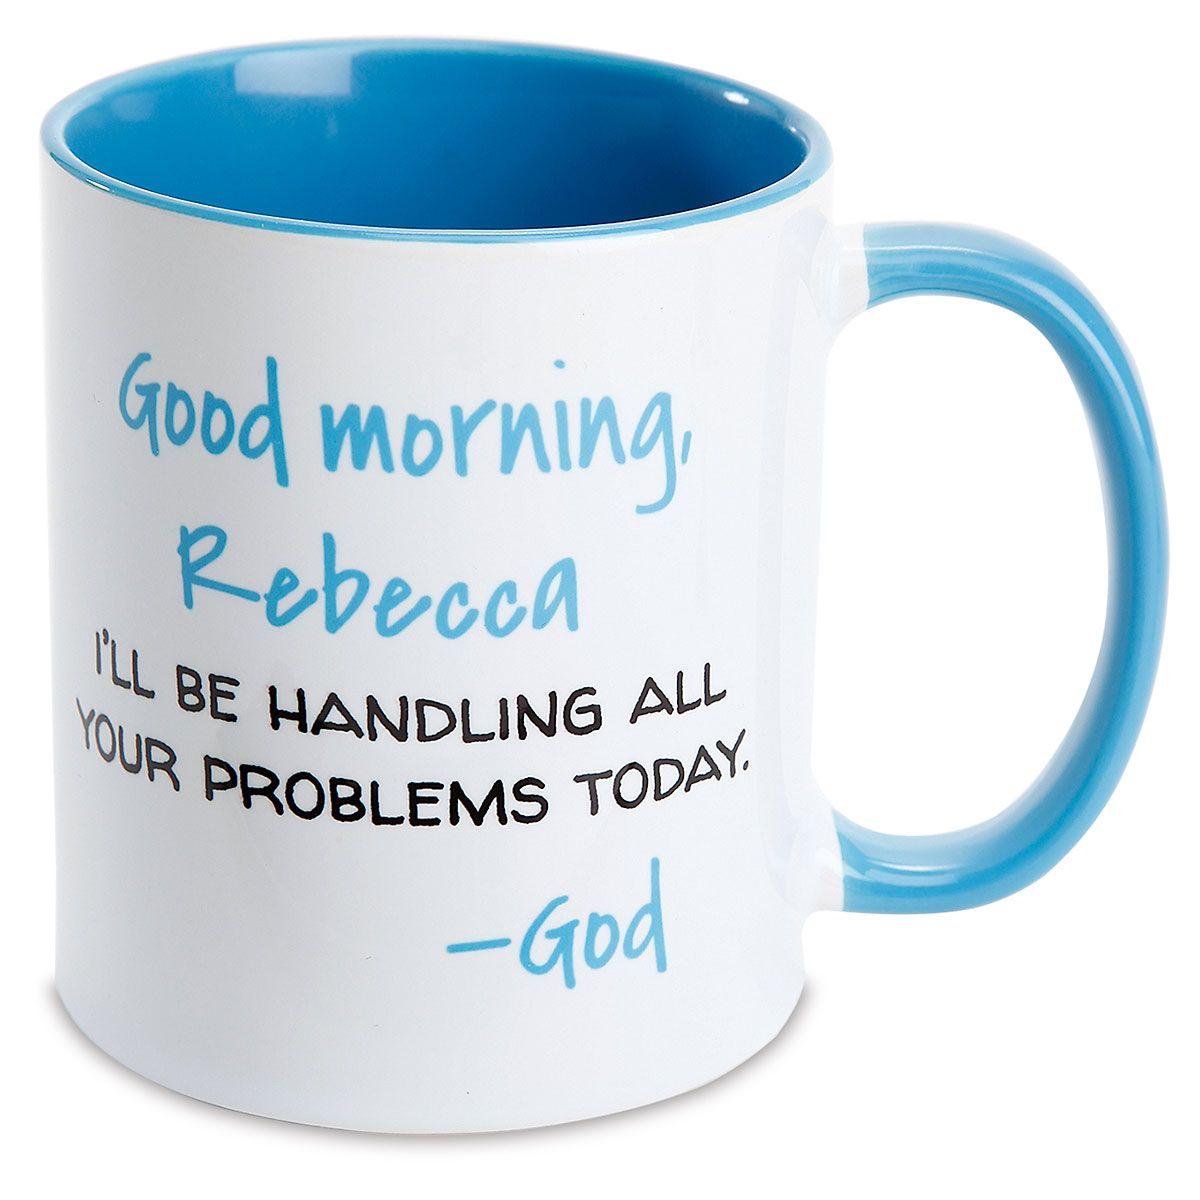 Good Morning Personalized Blue Mug